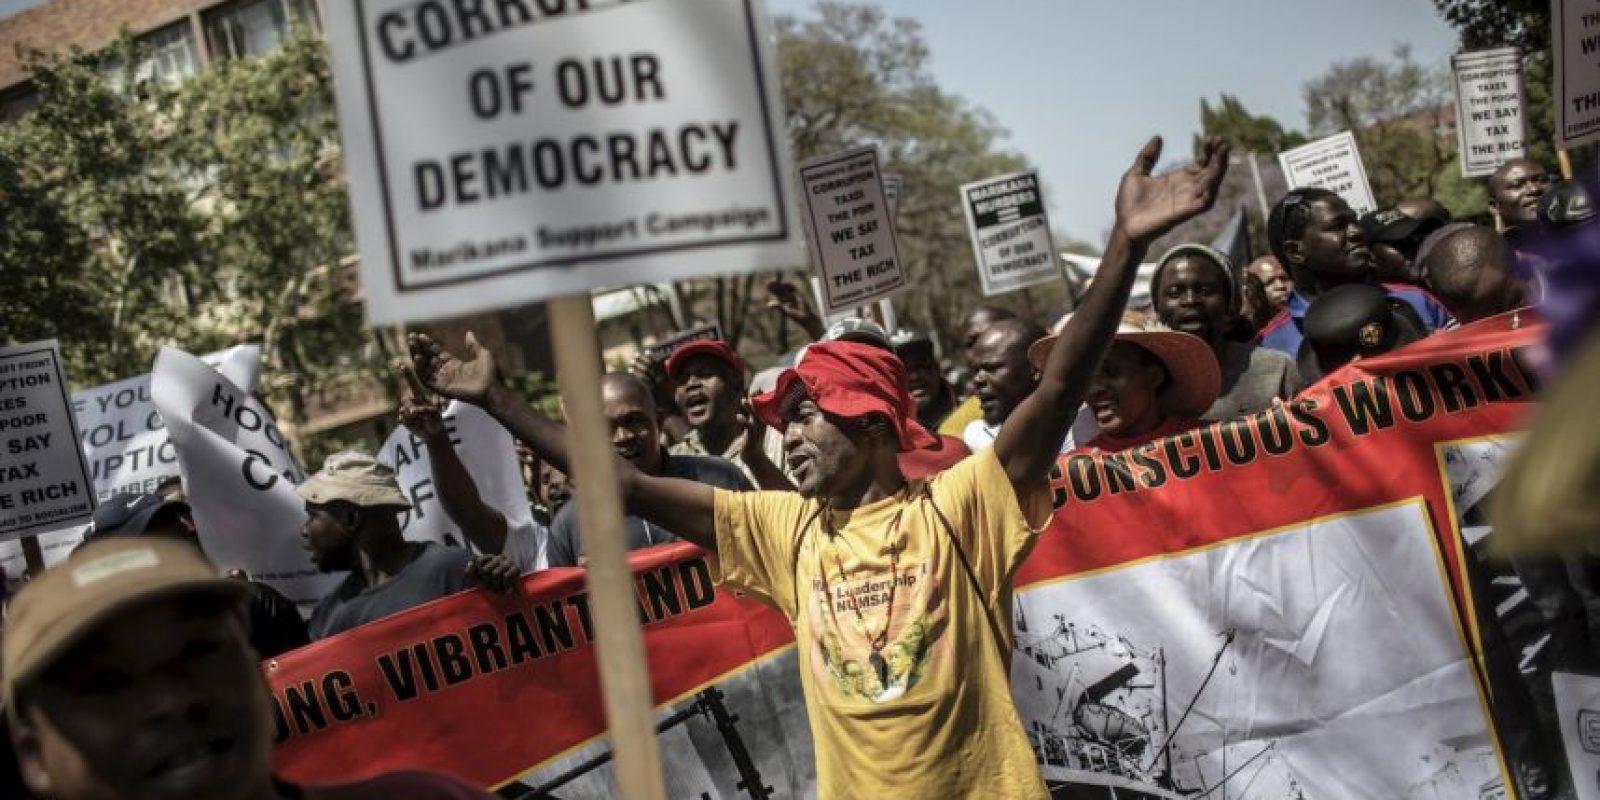 Un activista anticorrupción grita consignas políticas en Sudáfrica. Foto:AFP